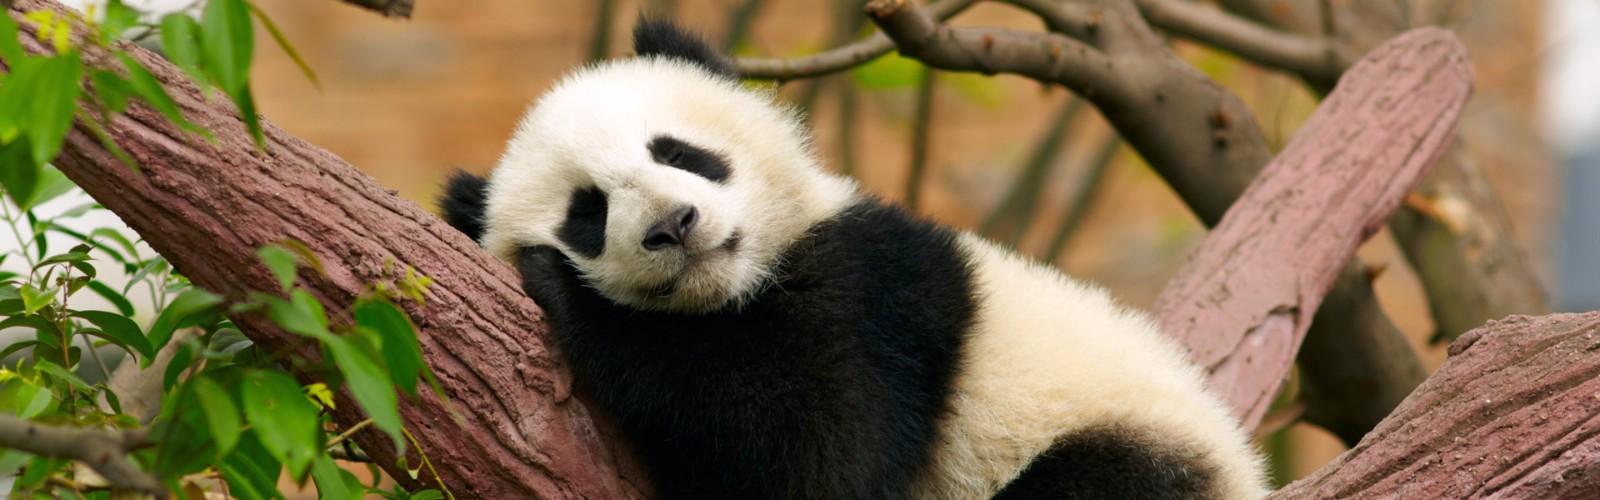 Chongqing Zoo & Panda House   Chongqing, China   Wendy Wu Tours